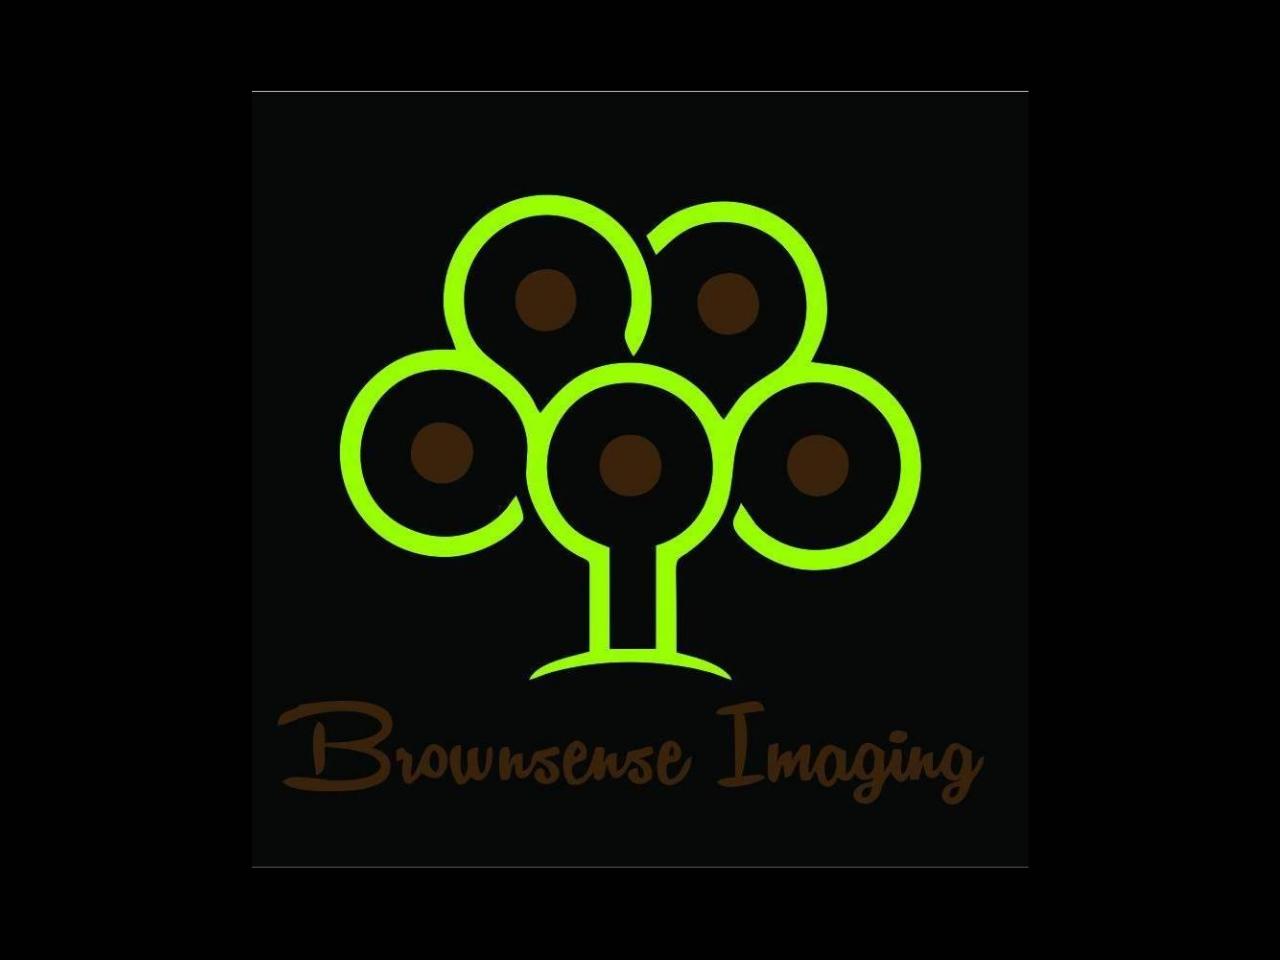 Brownsense Imaging